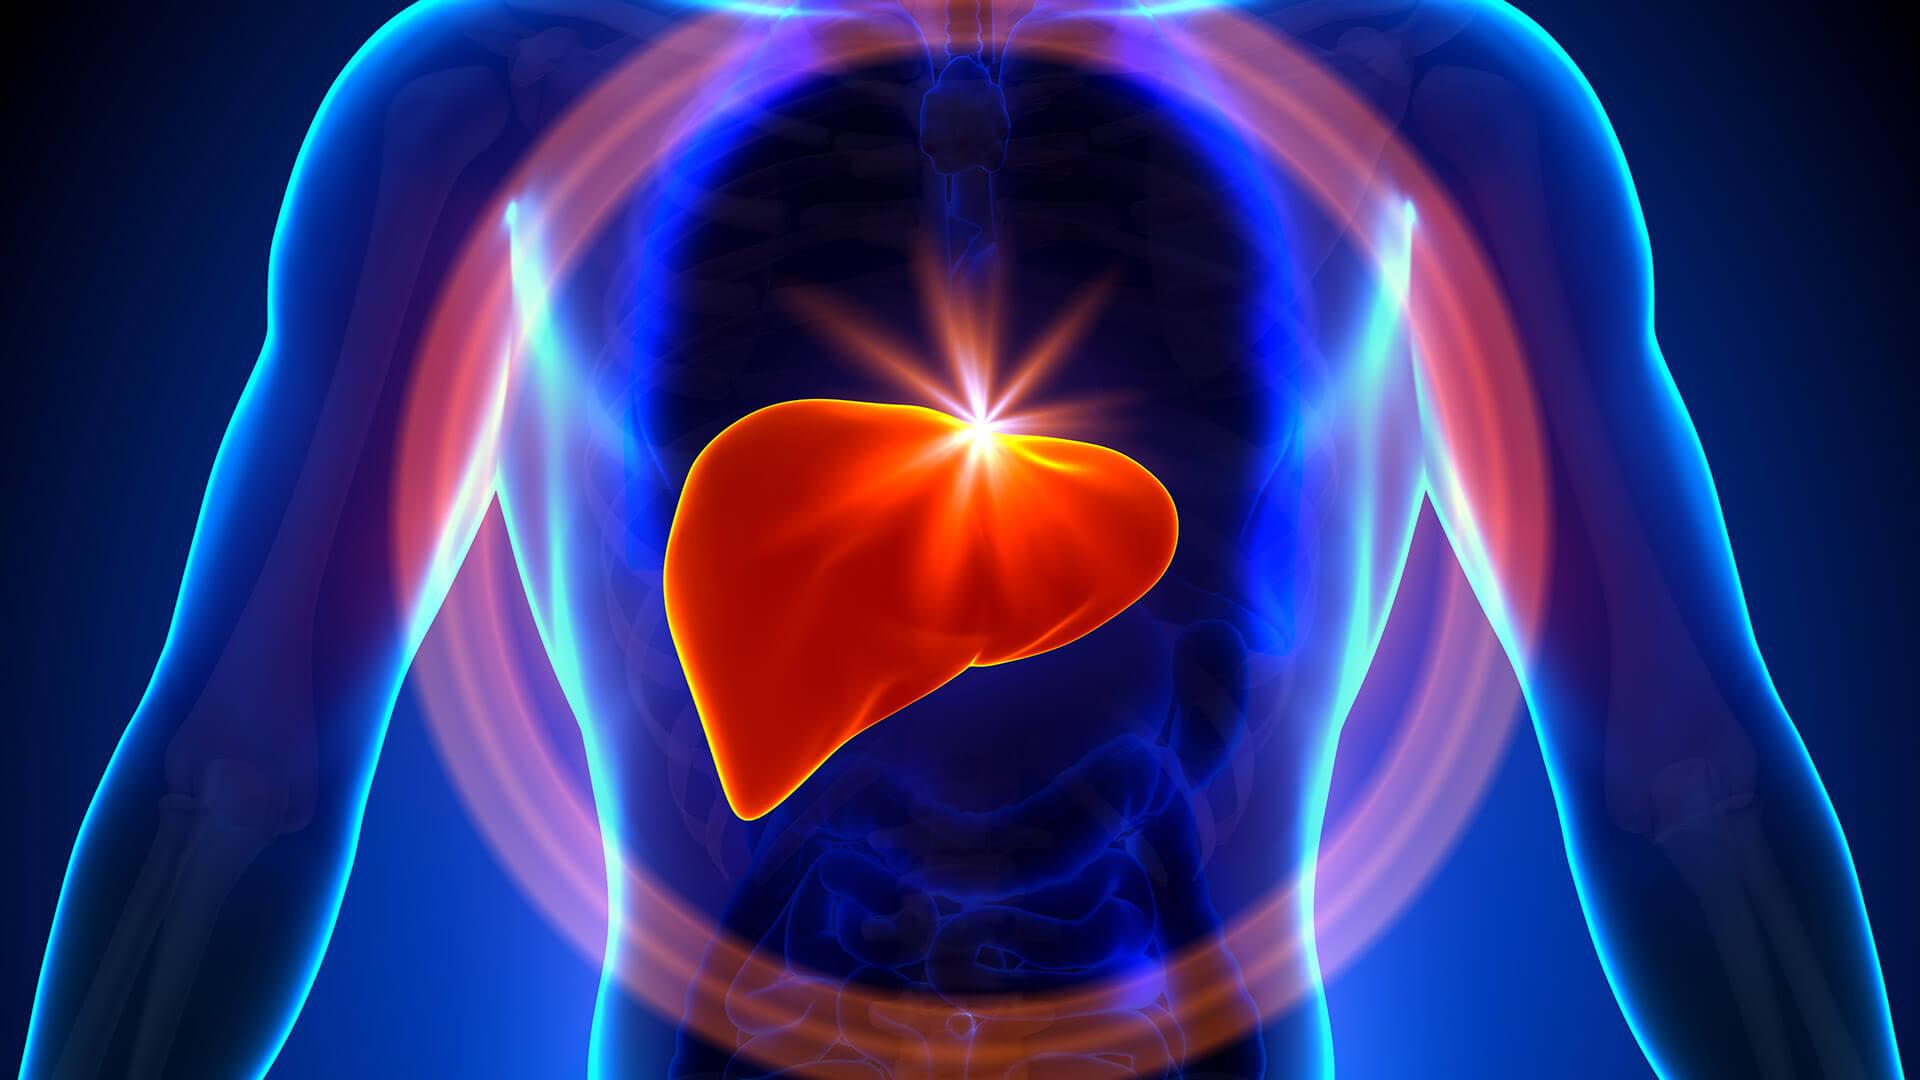 7 Chás Noturnos Para Desintoxicar o Fígado e Queimar Gorduras